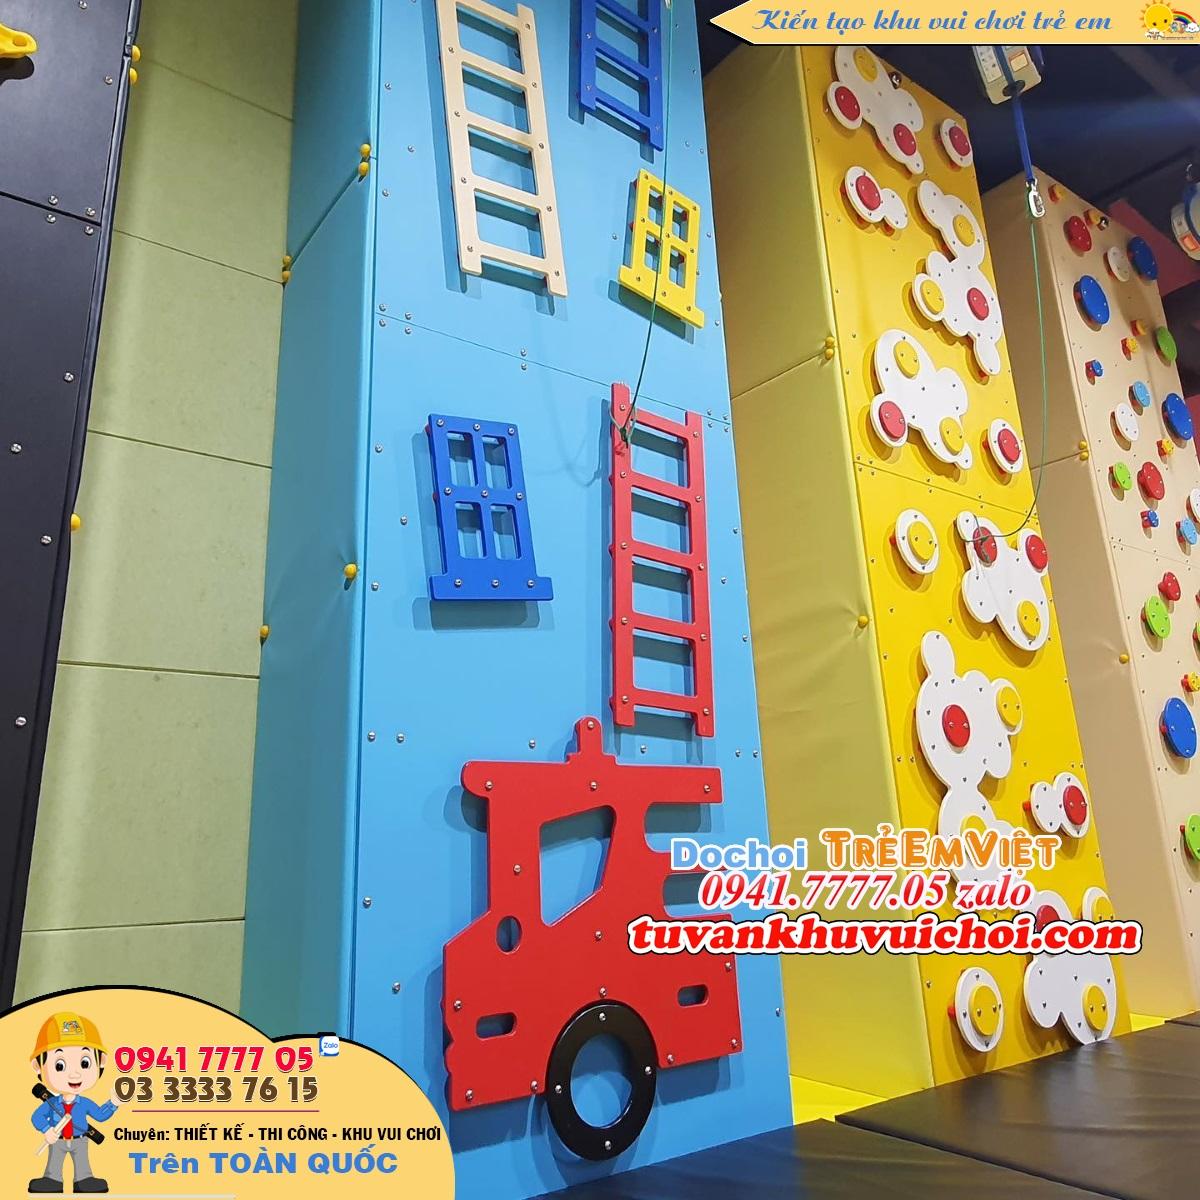 Tương leo núi cho trẻ em cao 5m với 3 bức tường khác nhau, để bé tha hồ thể hiện sự leo trèo.